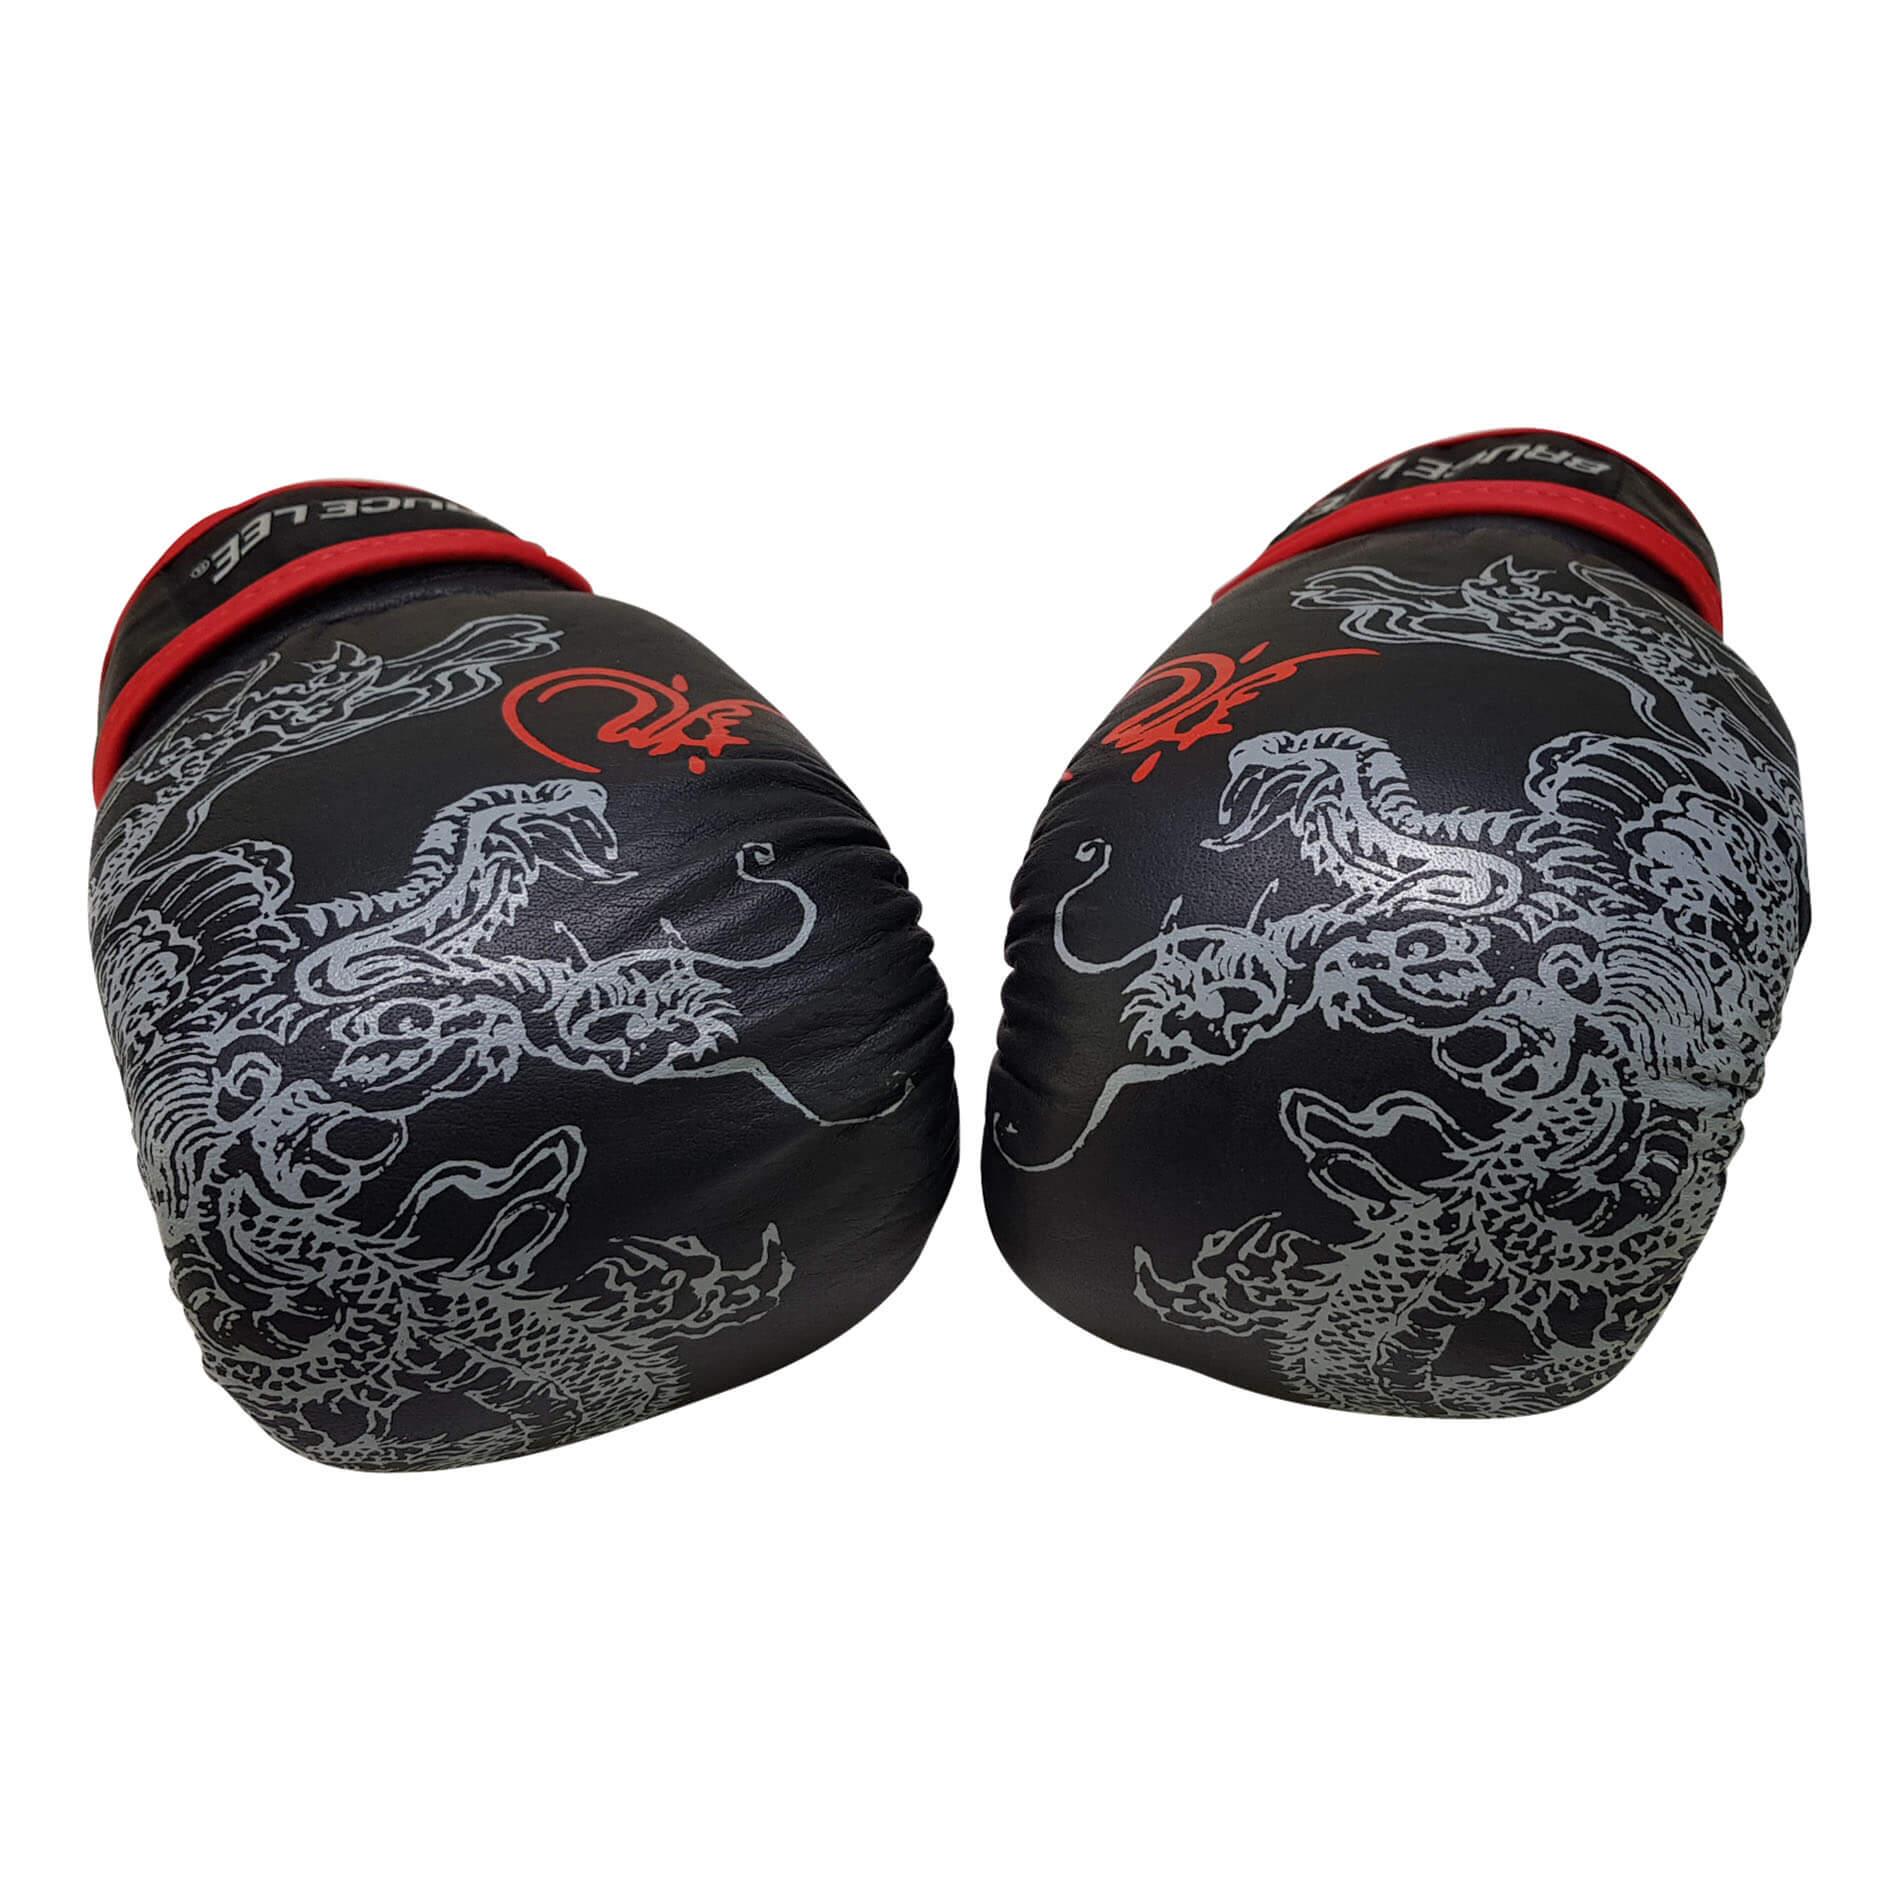 Dragon Bokszakhandschoenen